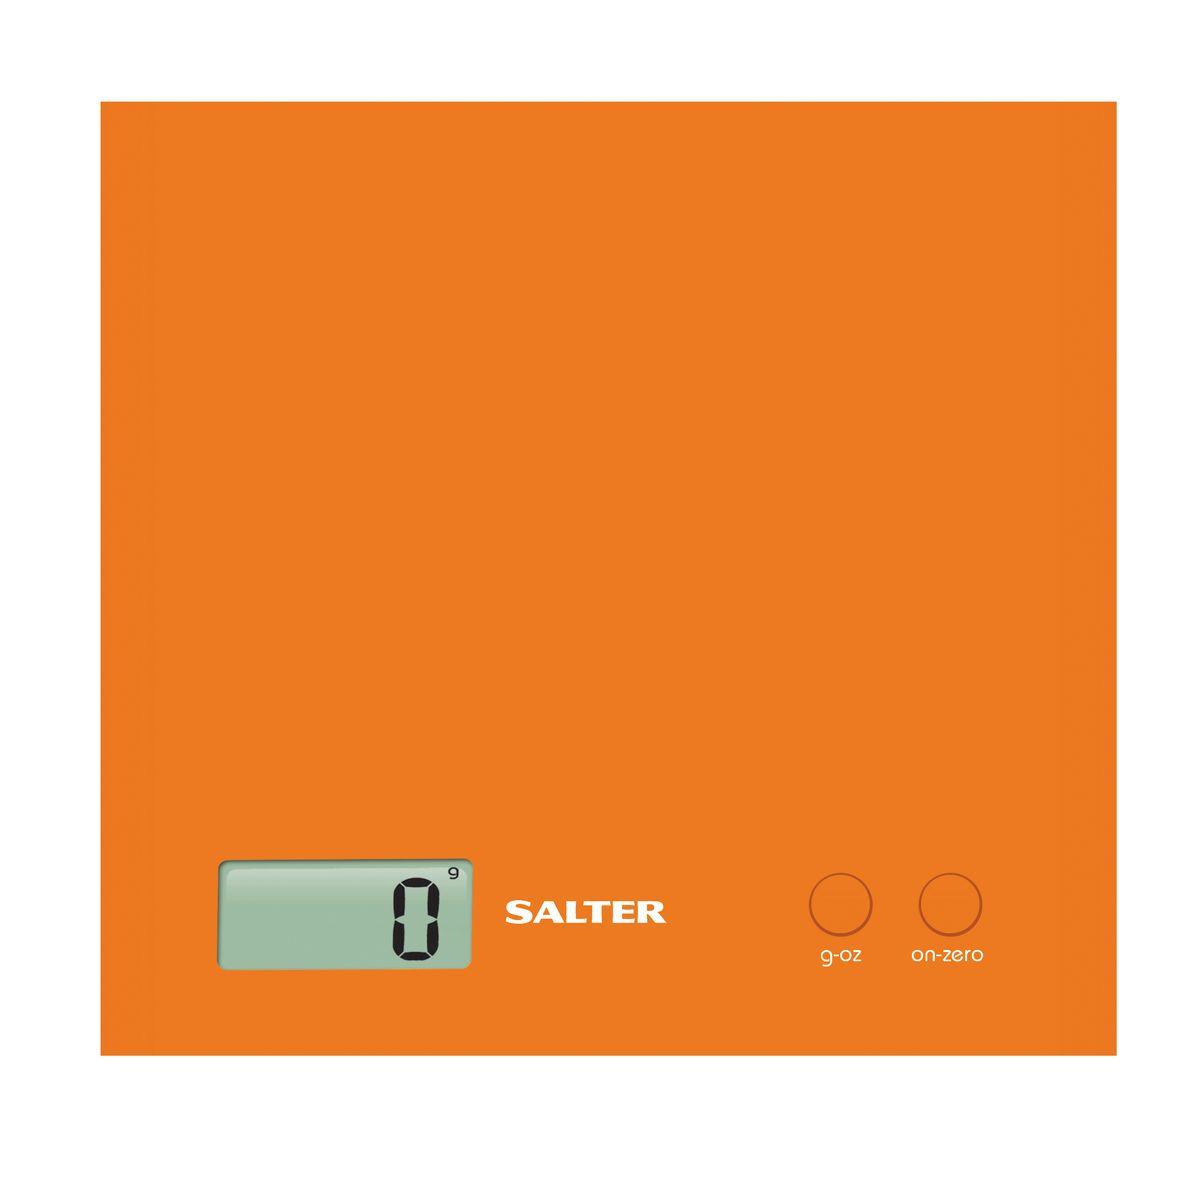 Salter 1066 OGDR кухонные весы1066 OGDRЭлектронные кухонные весы. Функция - добавь и взвешивай - позволяет взвешивать различные ингредиенты в одной емкости. Режим переключения между метрической и имперской системой измерения. Компактный, тонкий и современный дизайн. Максимальный вес измерения 3 кг. Белый зеленый